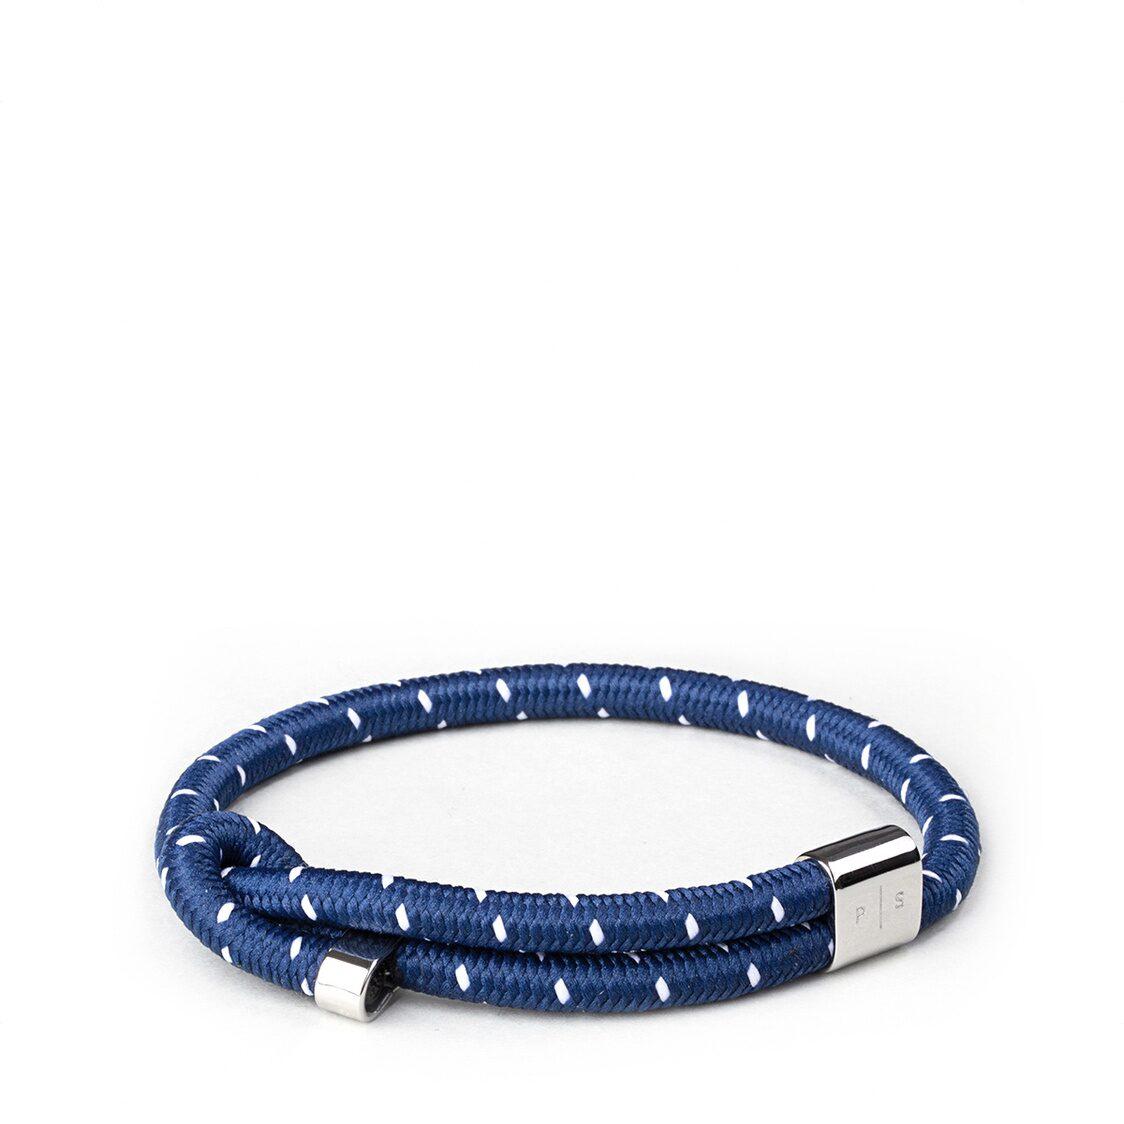 Wve Bracelet - Navy Rope